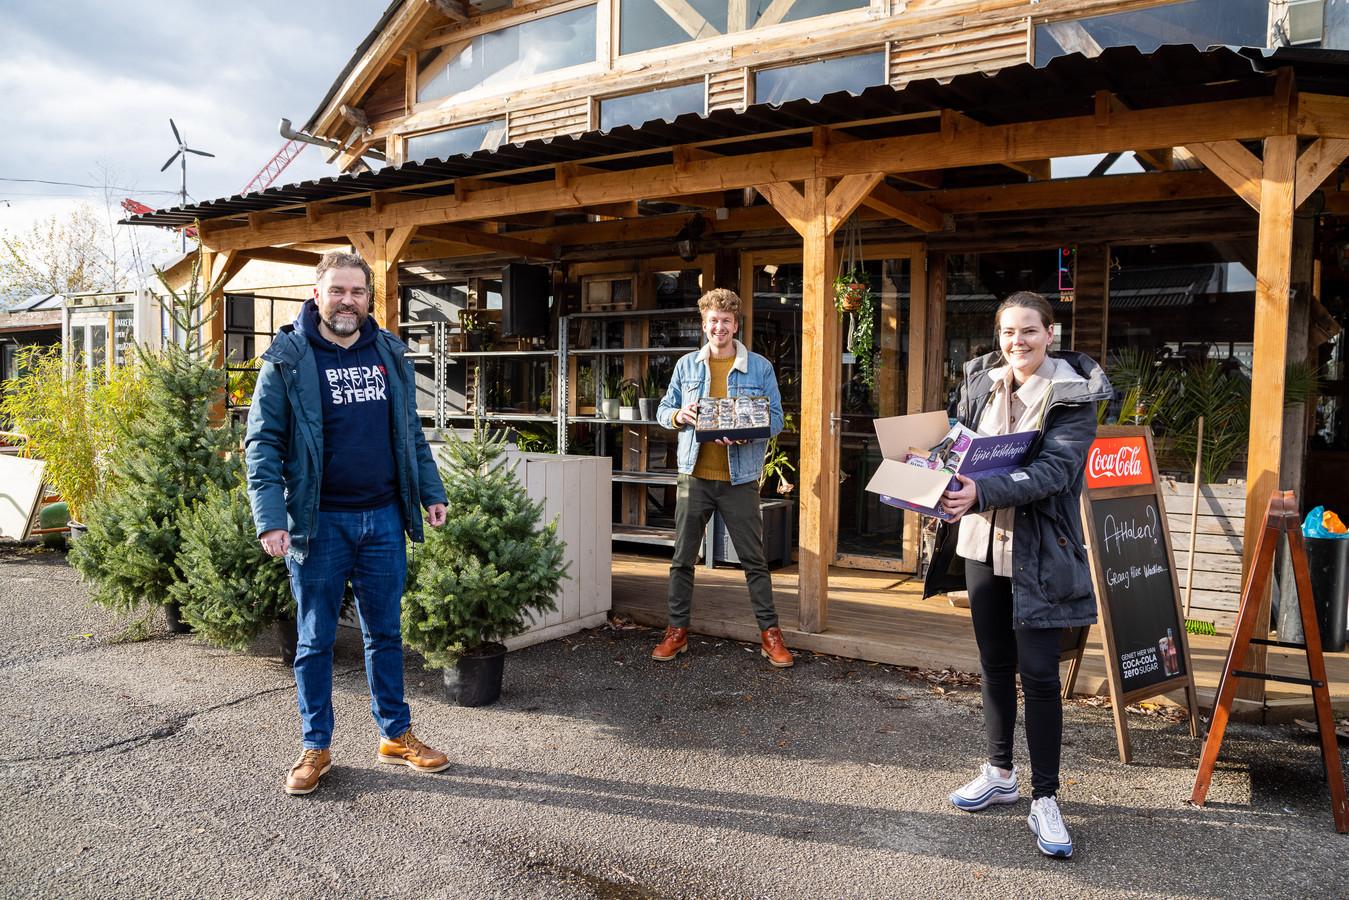 Klaas Dijkhoff (links) zet Bredase ondernemers in het zonnetje. In het midden Thibaud van der Steen van Breda maakt mij blij. Rechts Marleen Pulles van Pull Productions.